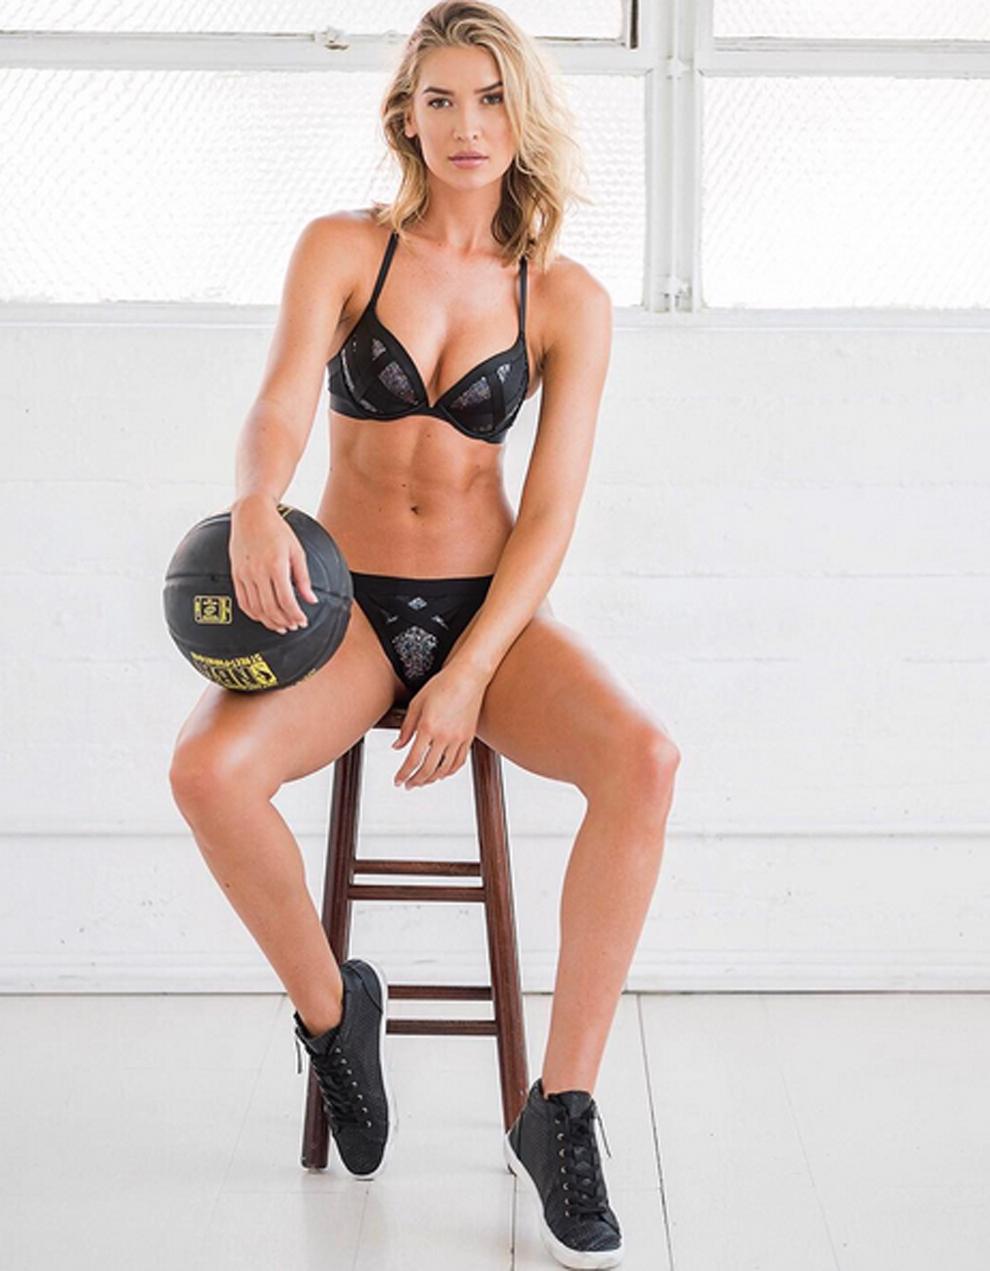 Melody Rae la modelo y jugadora de baloncesto que se ha hecho famosa...